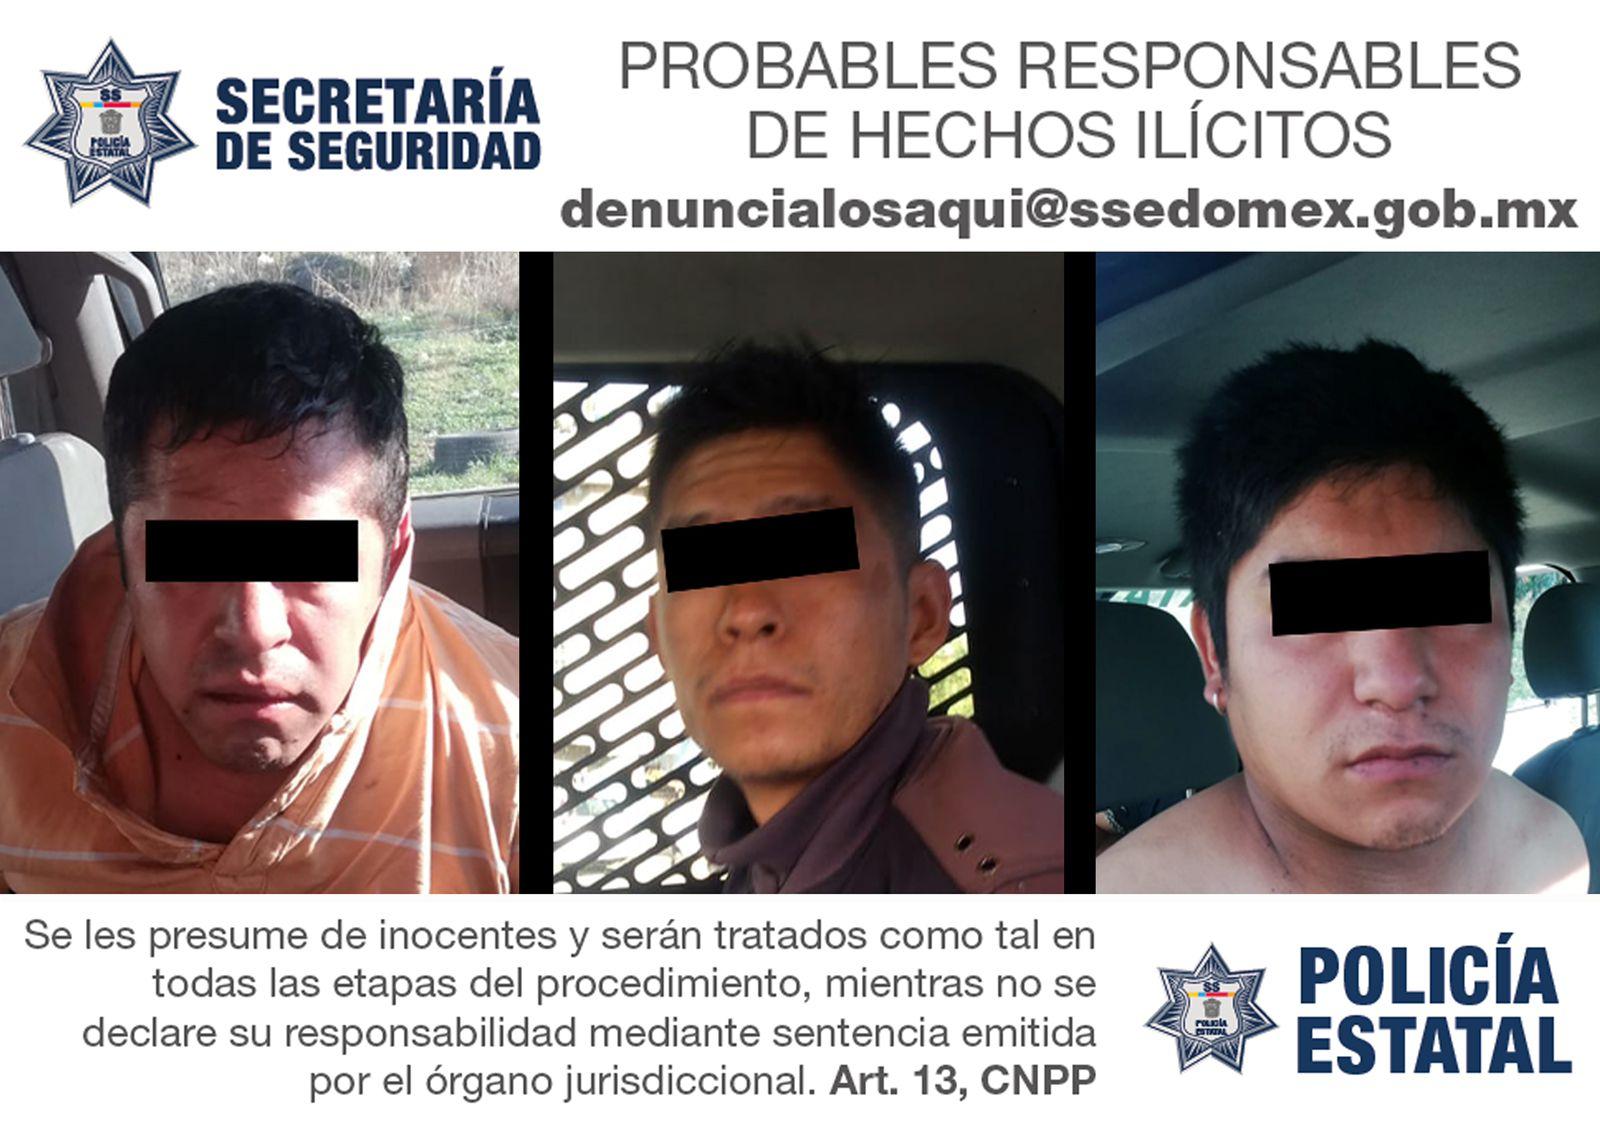 Secretaría de seguridad detiene en flagrancia a tres probables implicados del delito de robo equiparado de vehículo